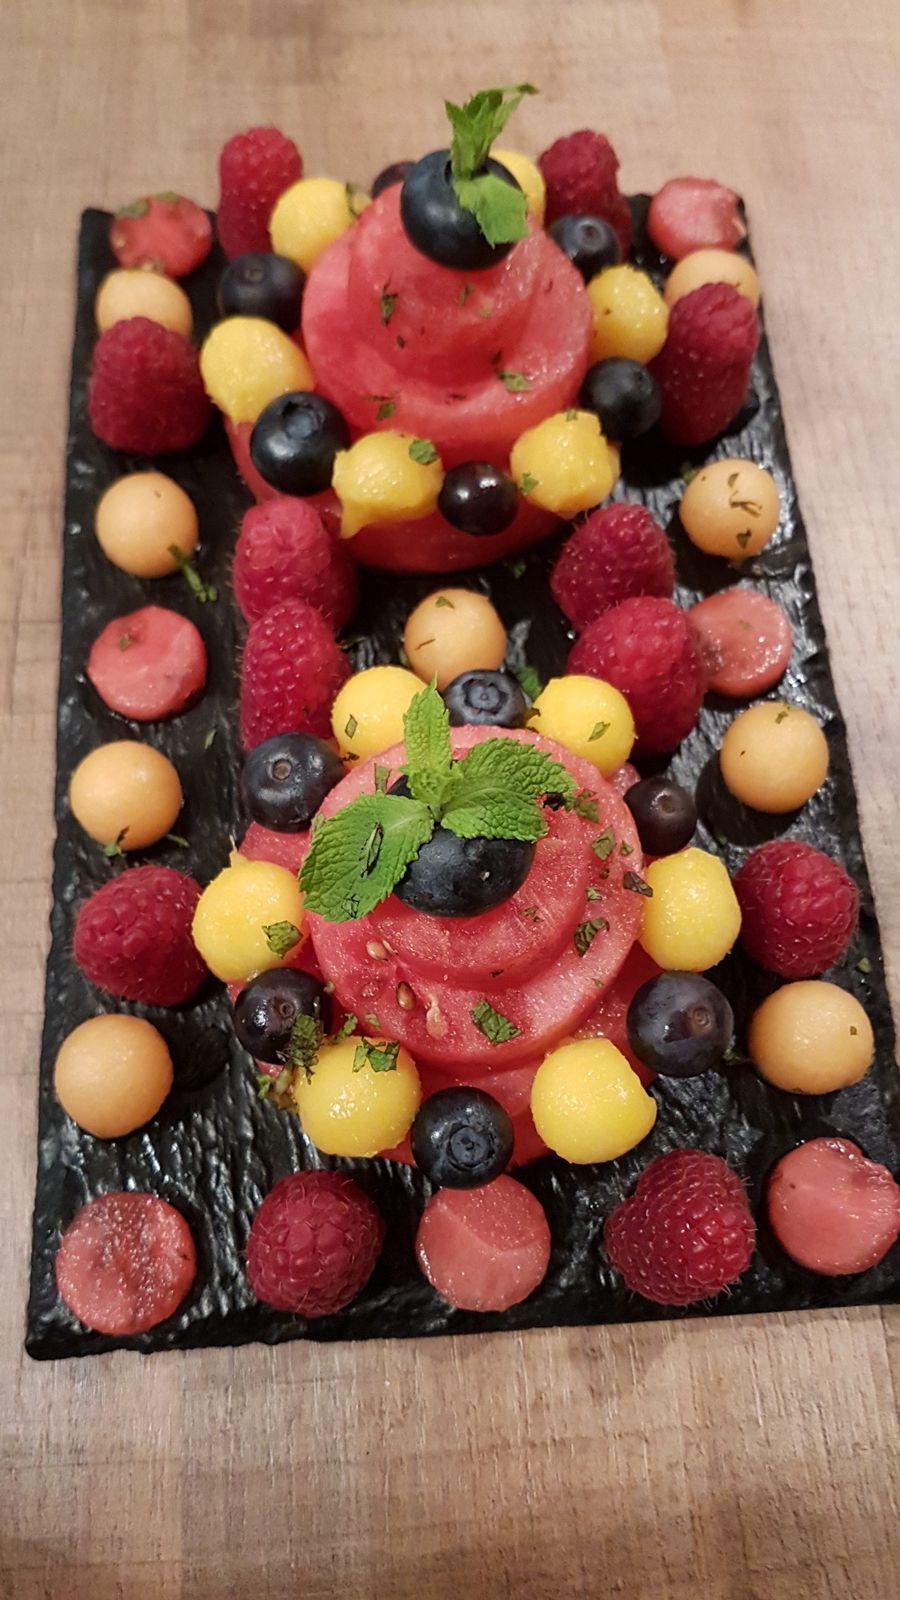 Ingrédients mis en oeuvre : pastèque, billes de melon, billes de mangue, framboises, myrtilles, menthe fraîche